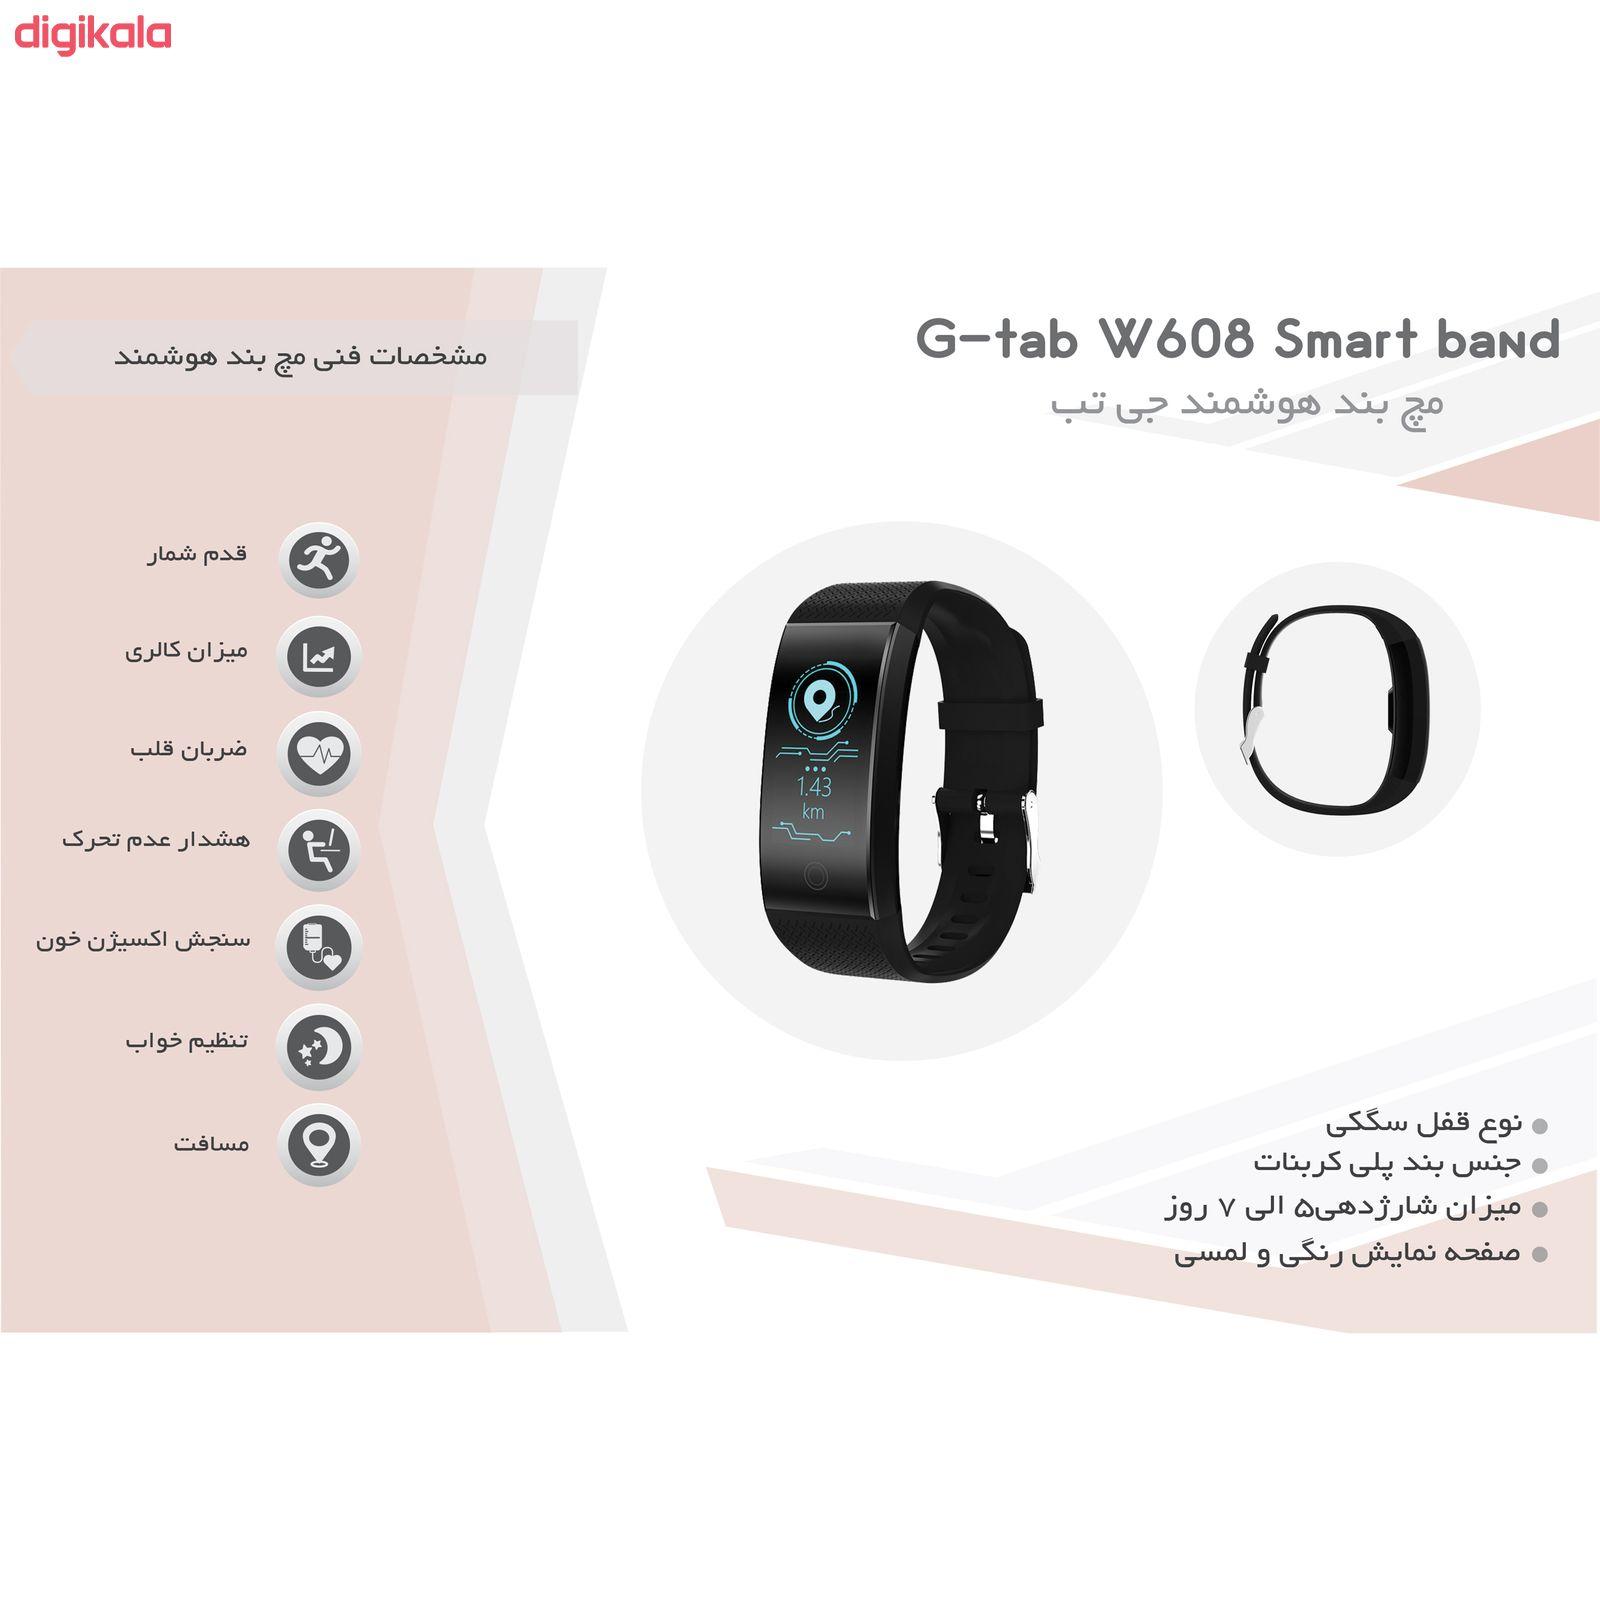 مچ بند هوشمند جی تب مدل W608 main 1 14